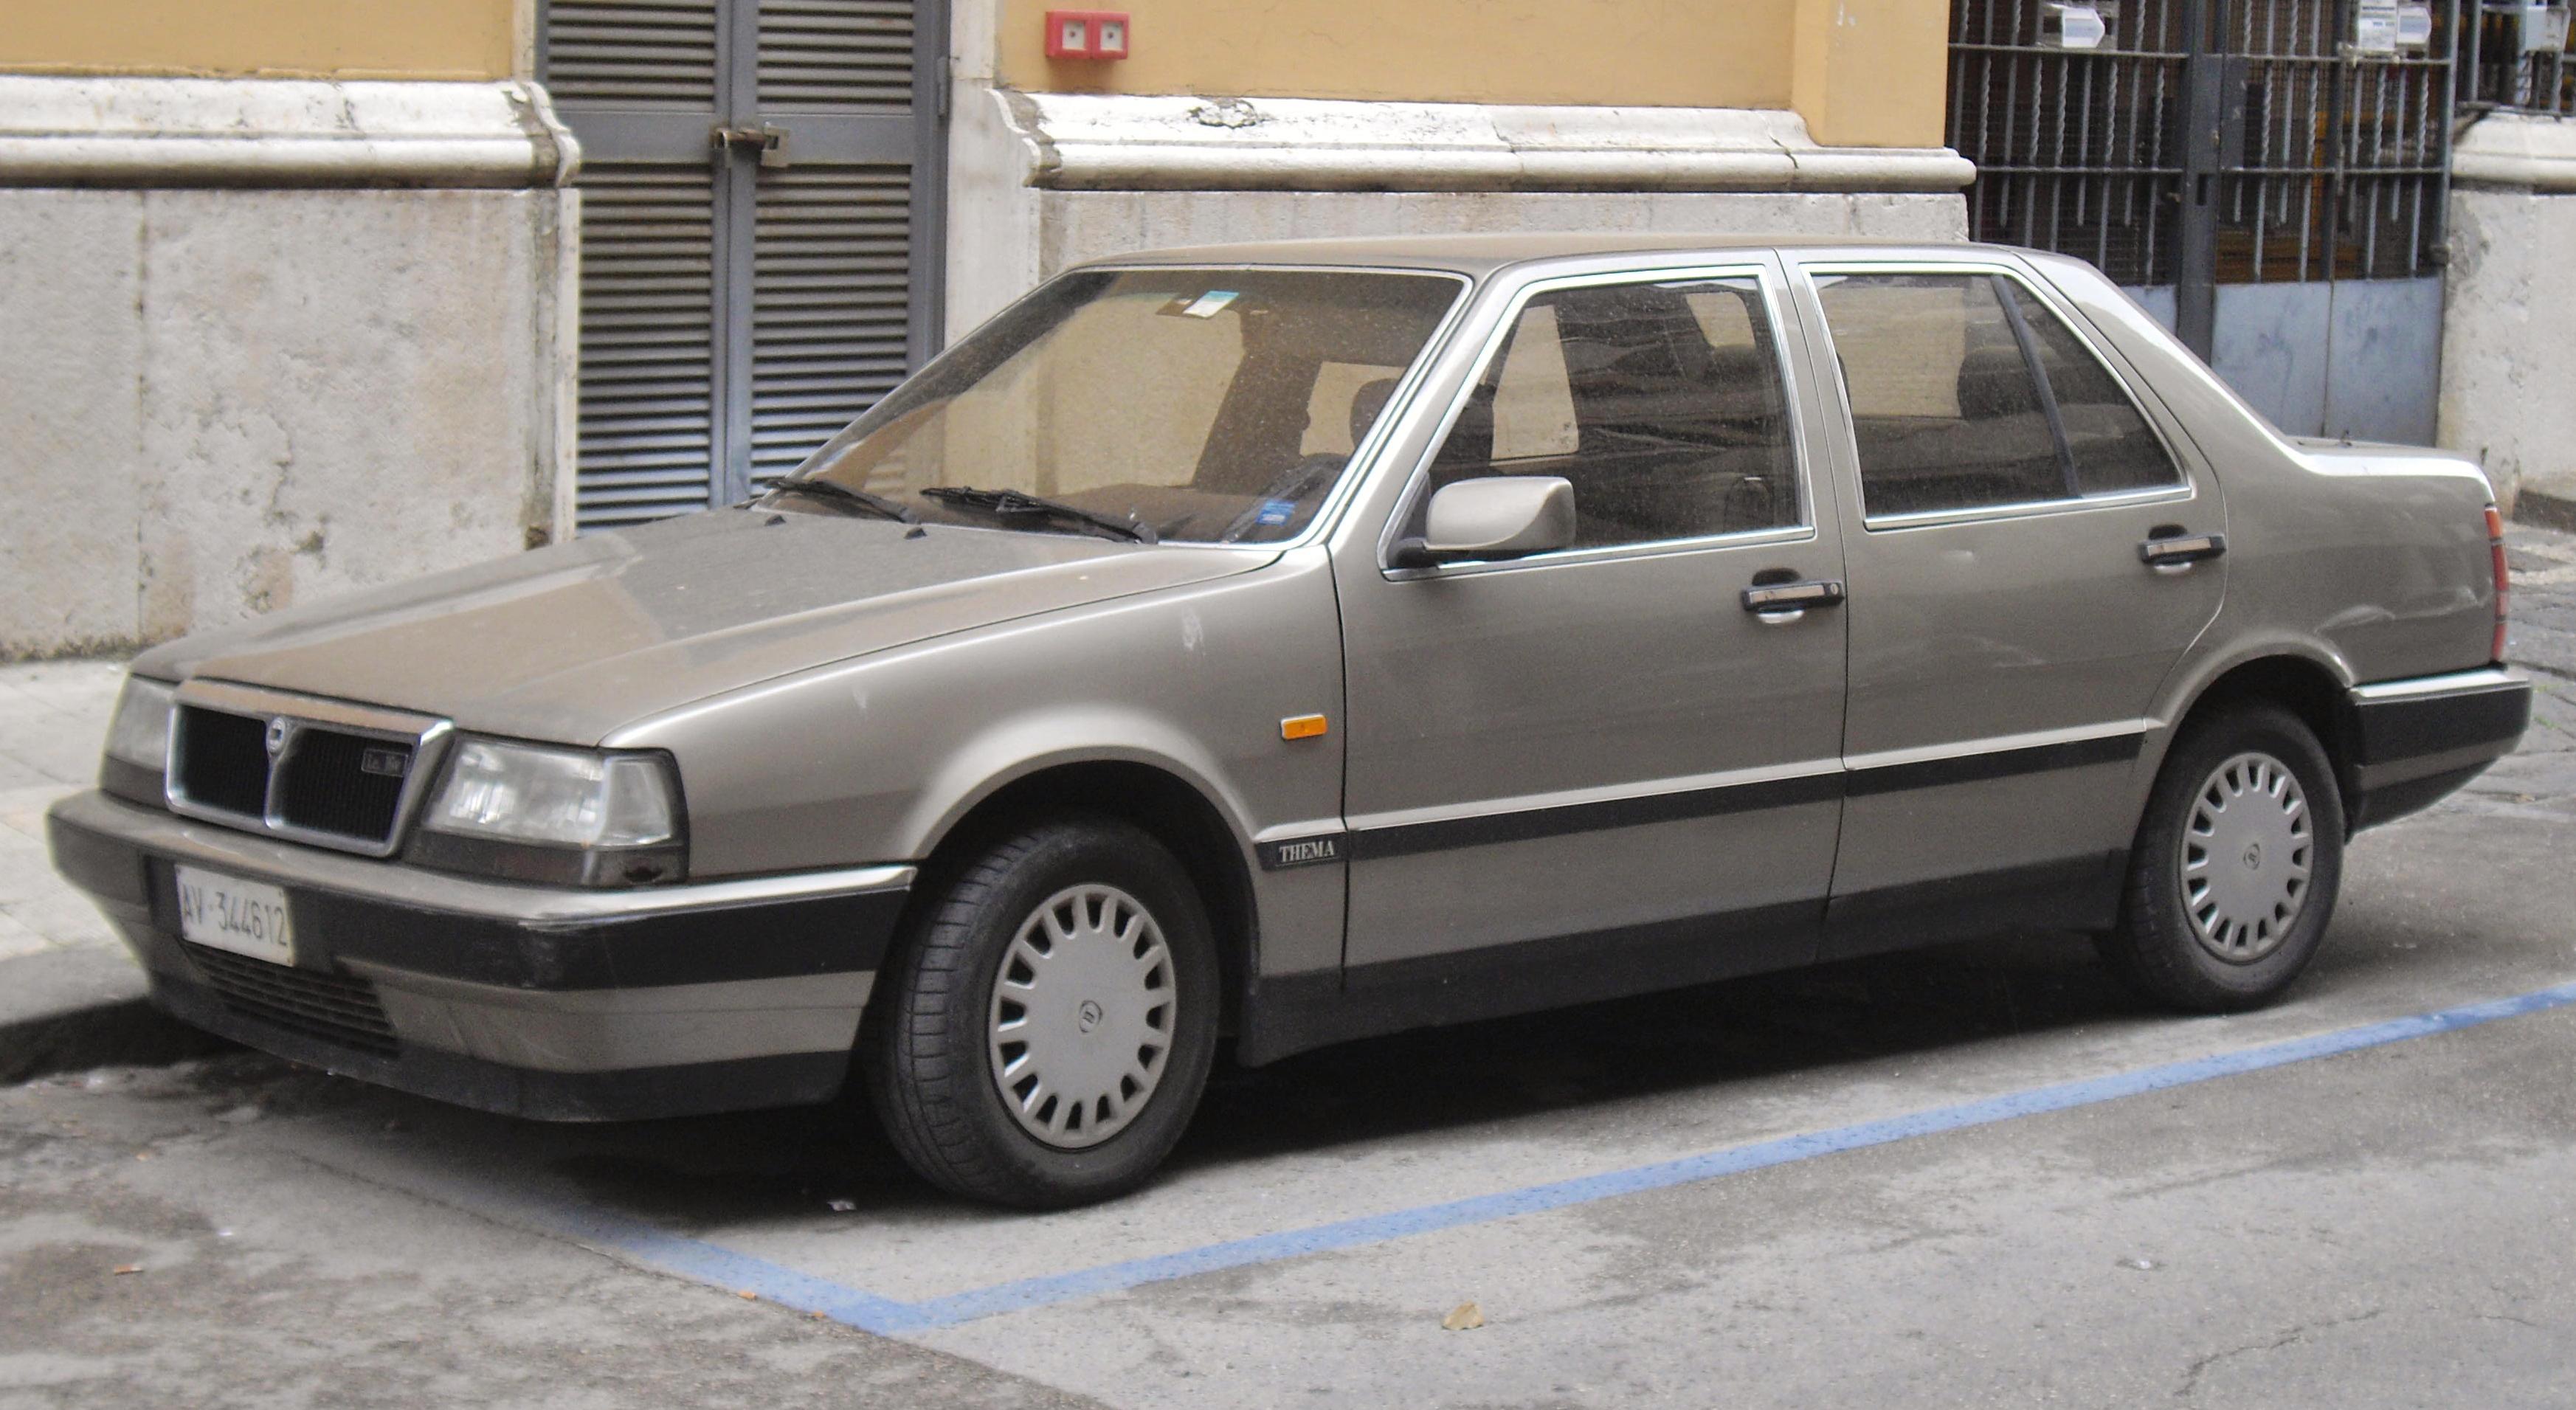 Lancia_Thema_i.e._16V.JPG